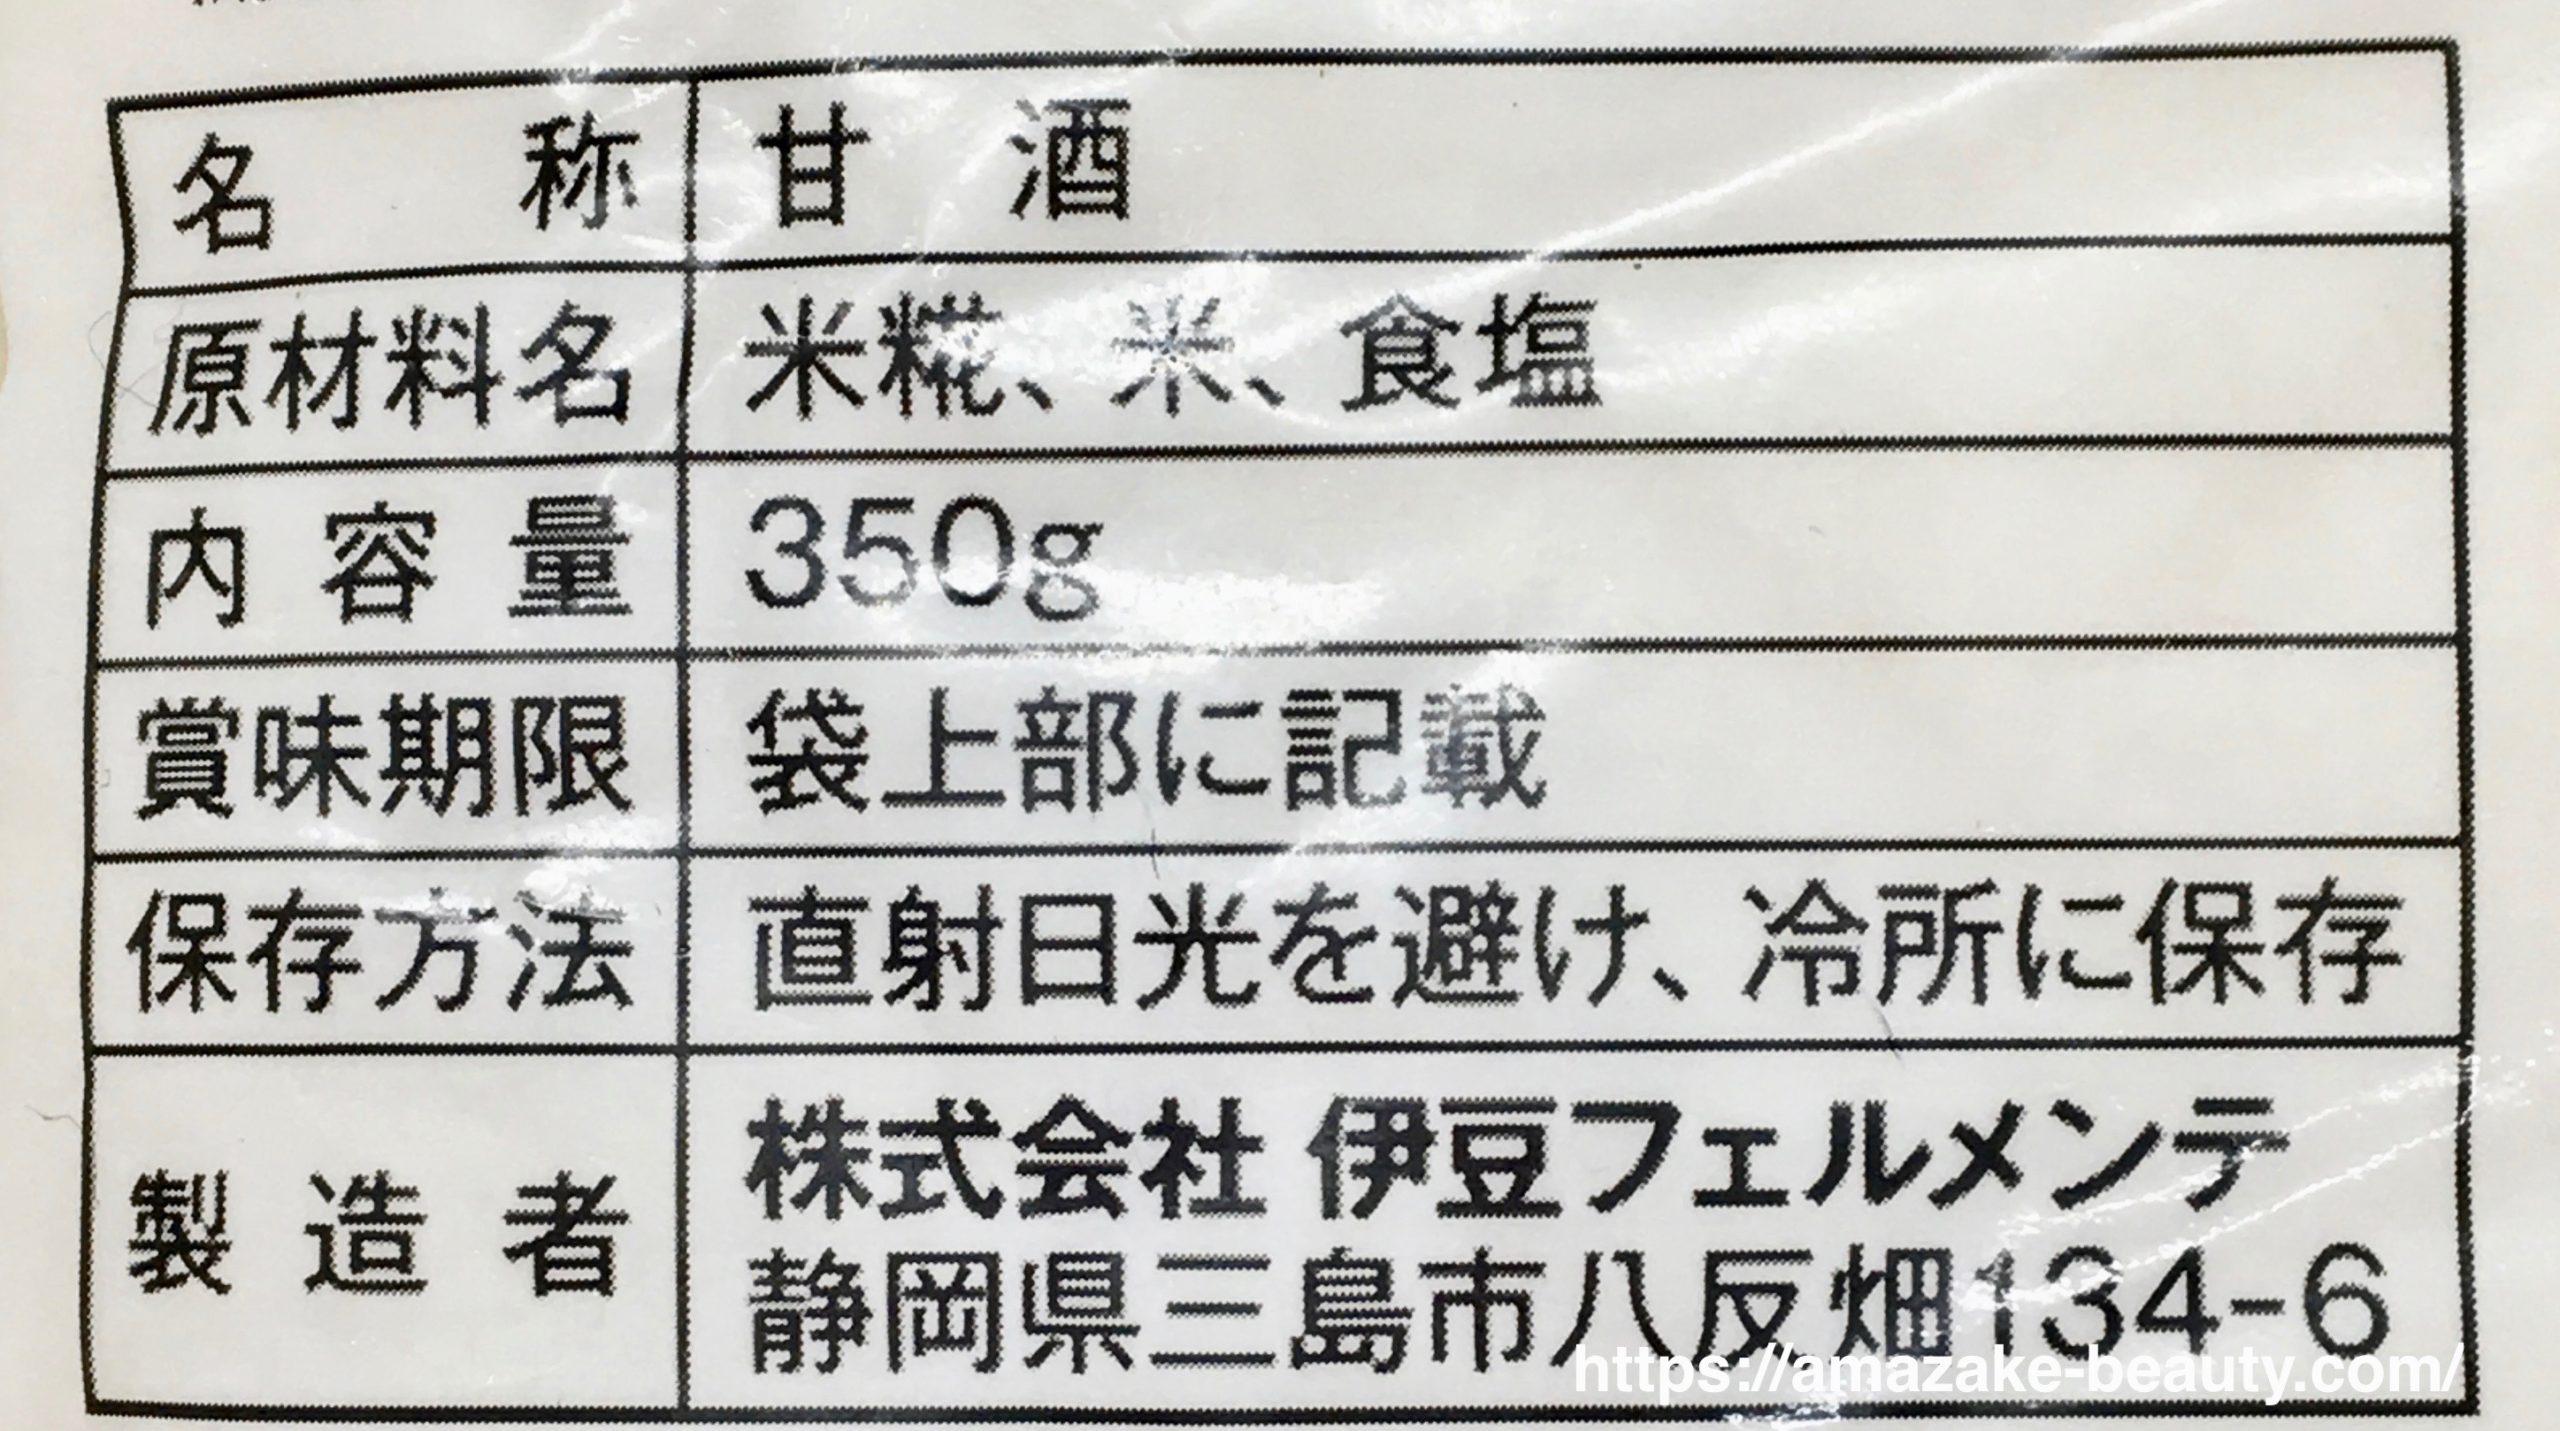 【甘酒】伊豆フェルメンテ『金太君 純あま酒』(商品情報)